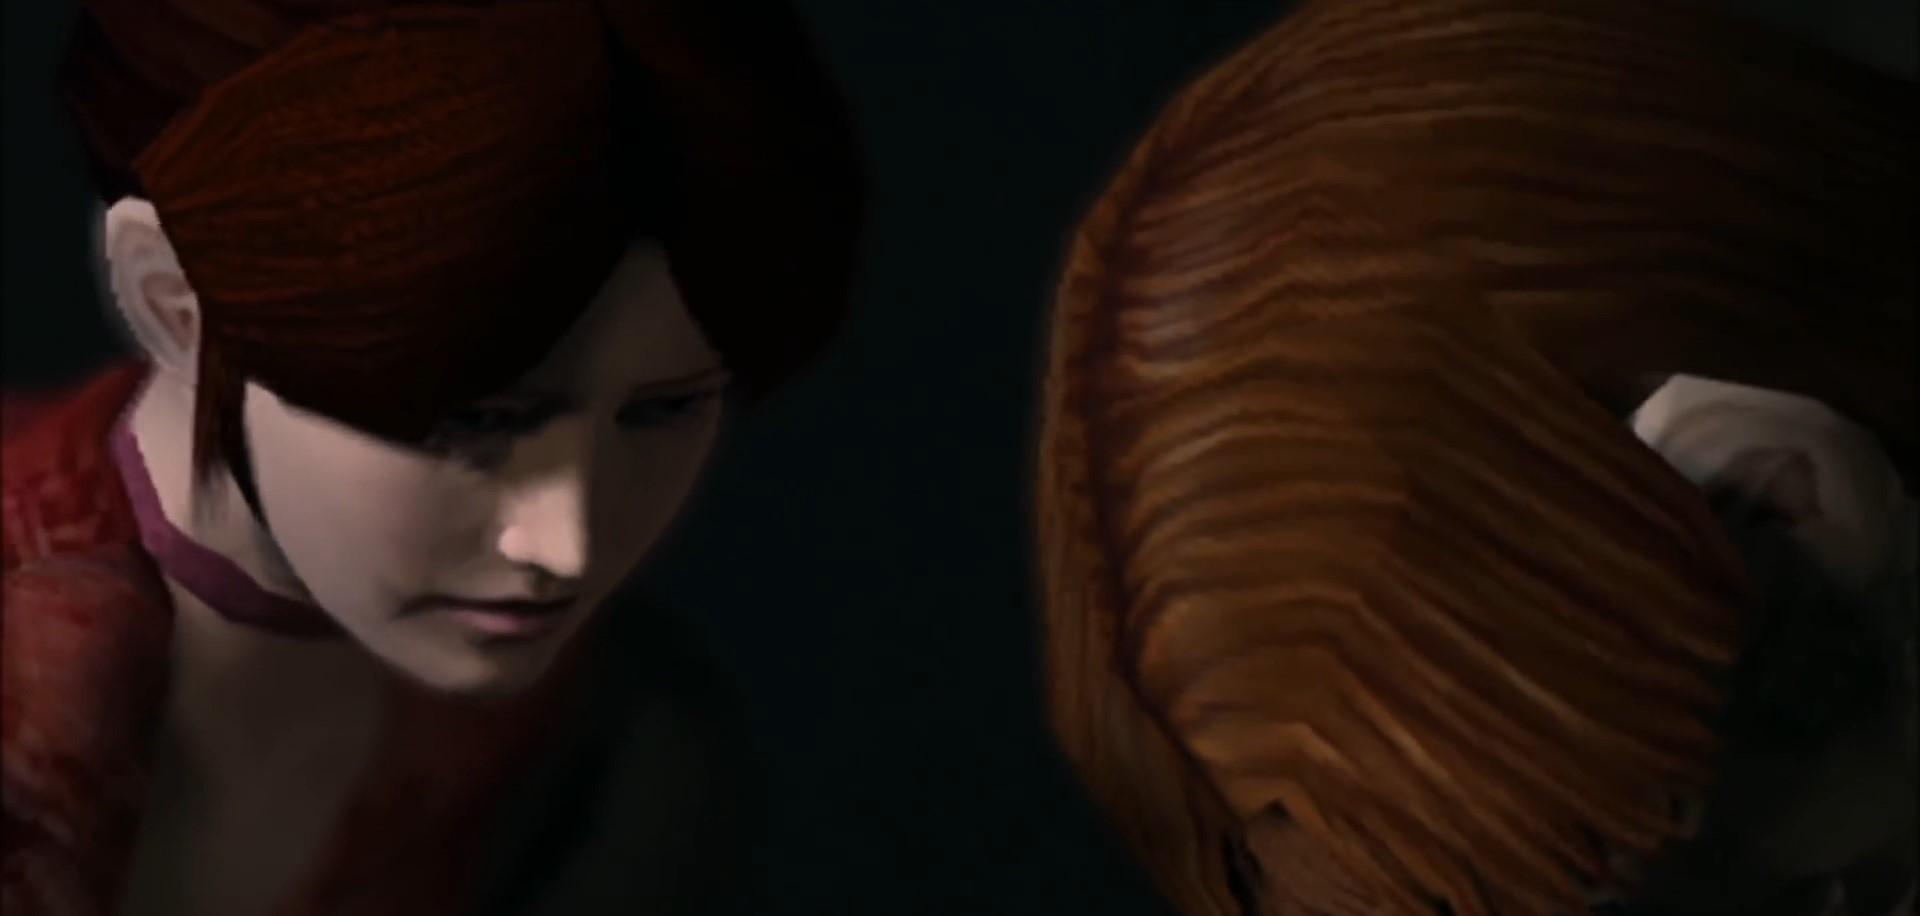 バイオコードベロニカ スティーブがクレアに愛を告げ、命尽きるシーン